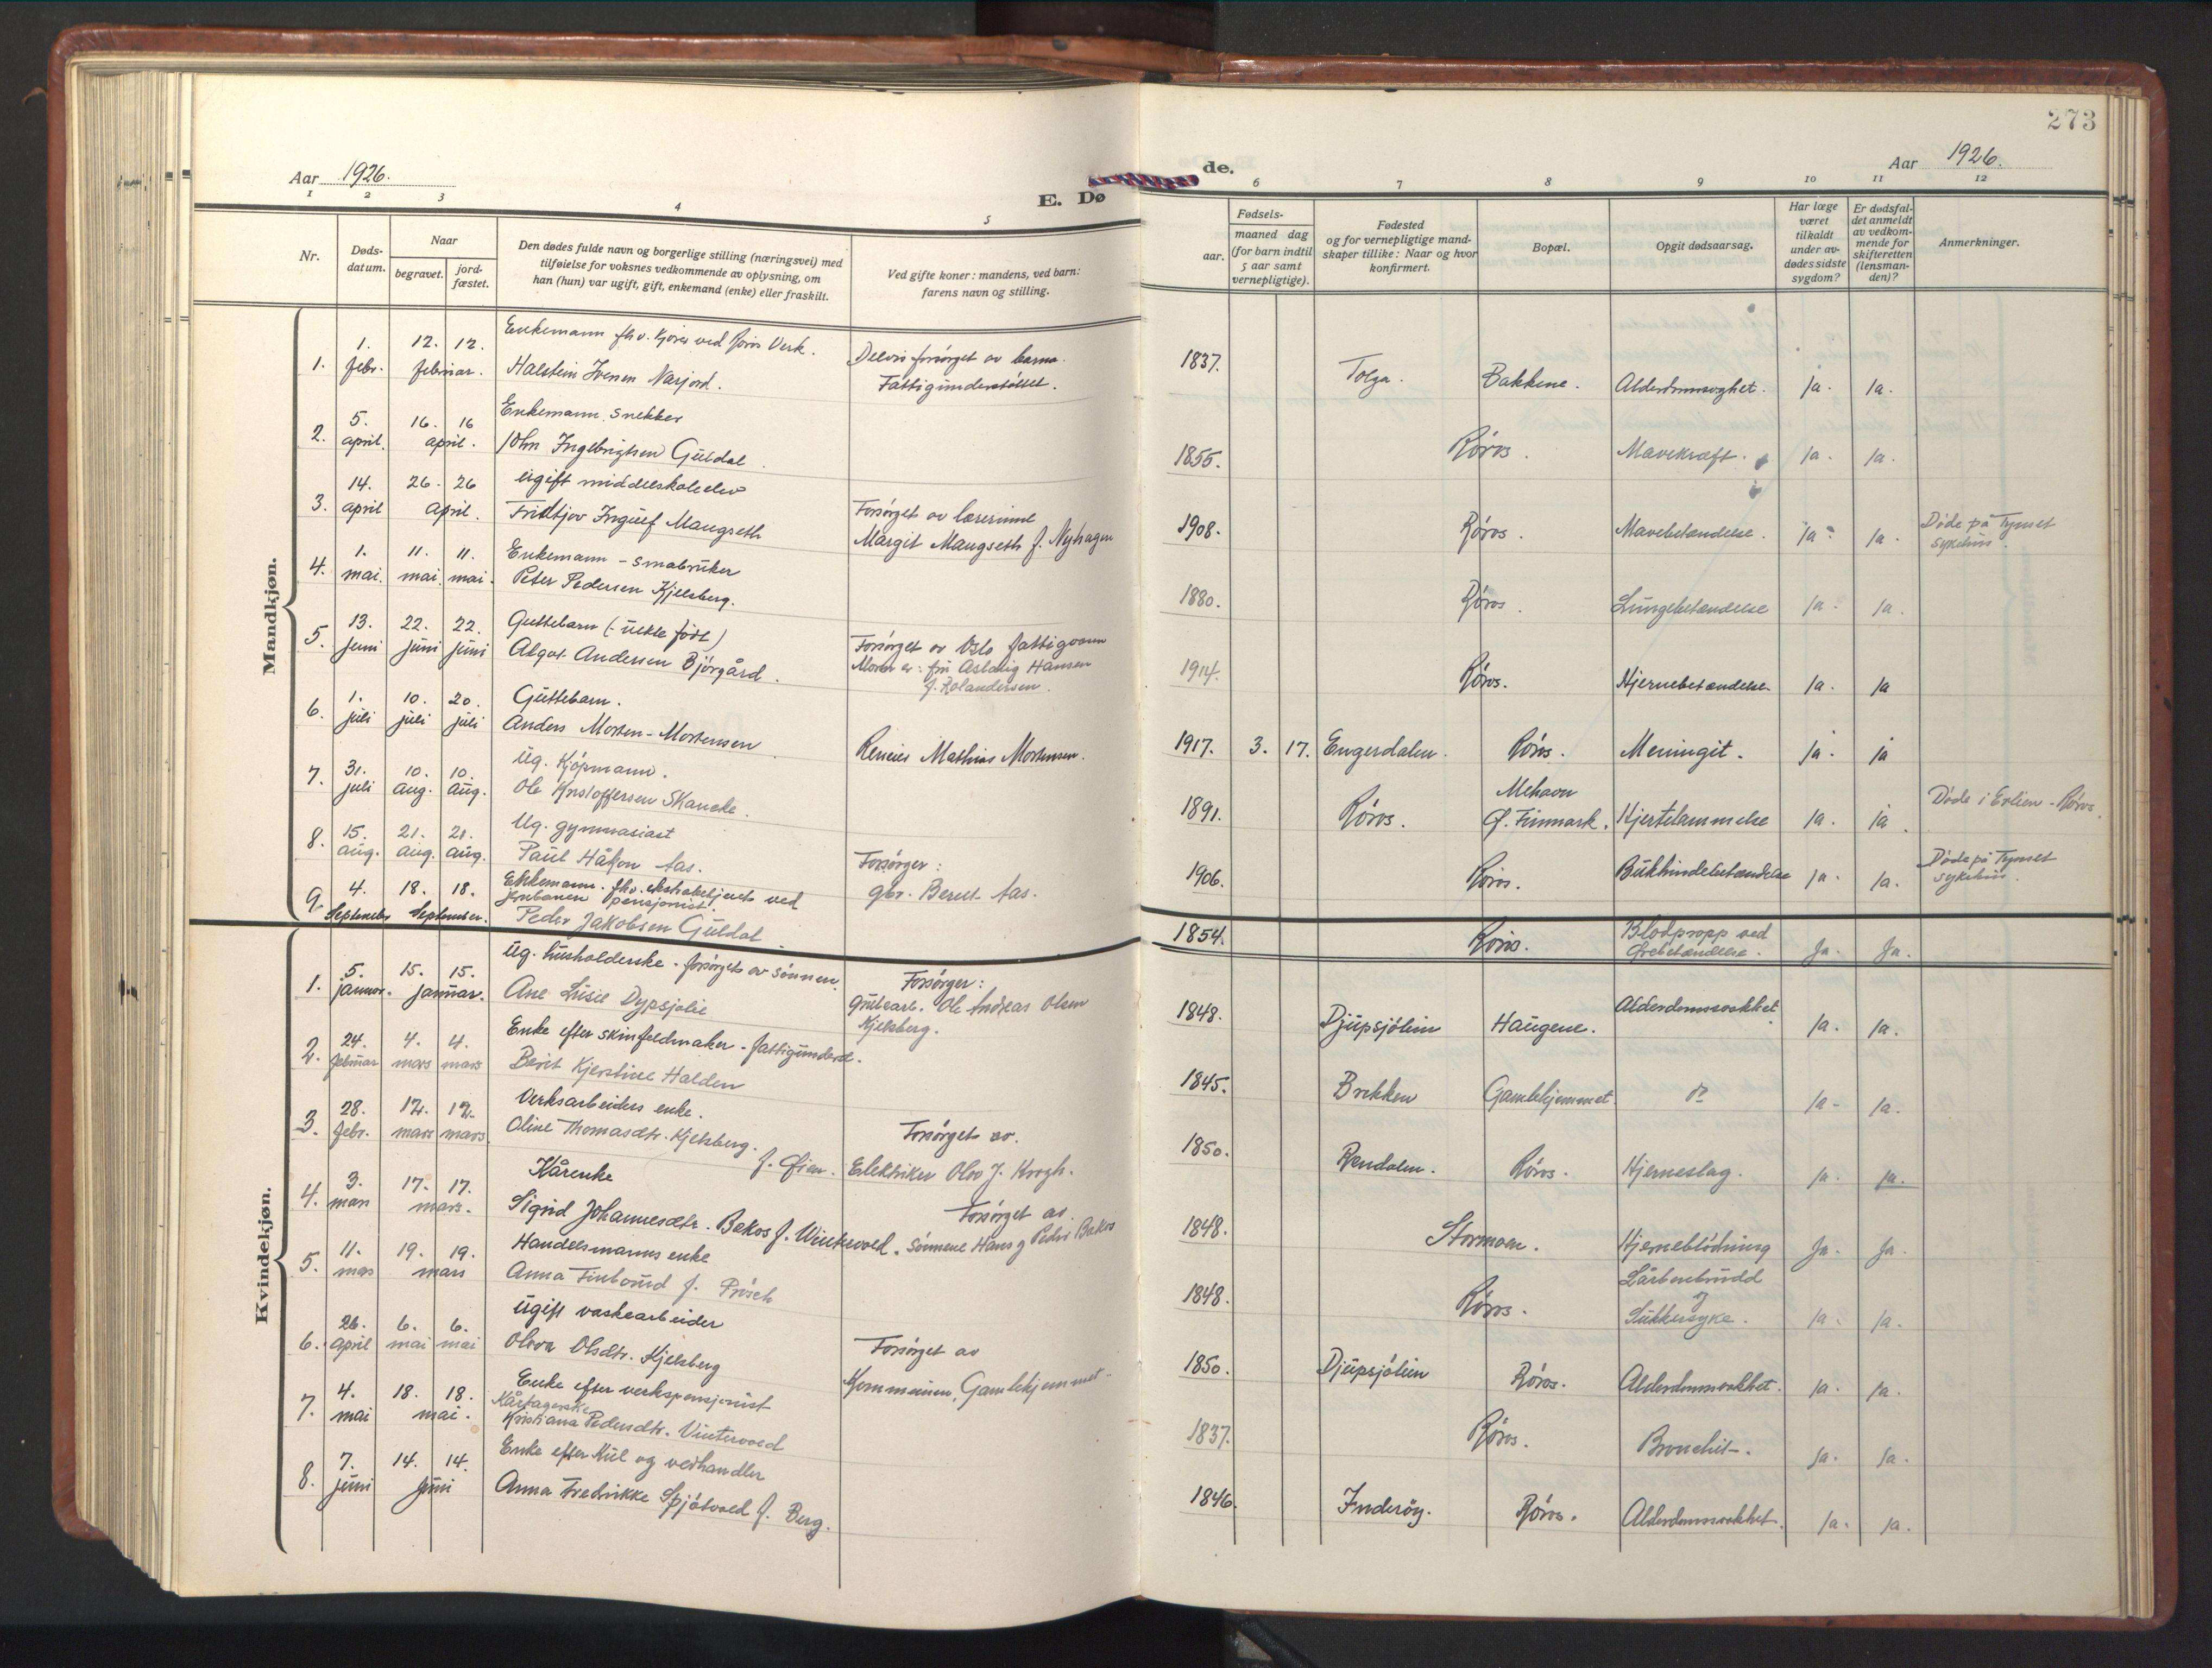 SAT, Ministerialprotokoller, klokkerbøker og fødselsregistre - Sør-Trøndelag, 681/L0943: Klokkerbok nr. 681C07, 1926-1954, s. 273